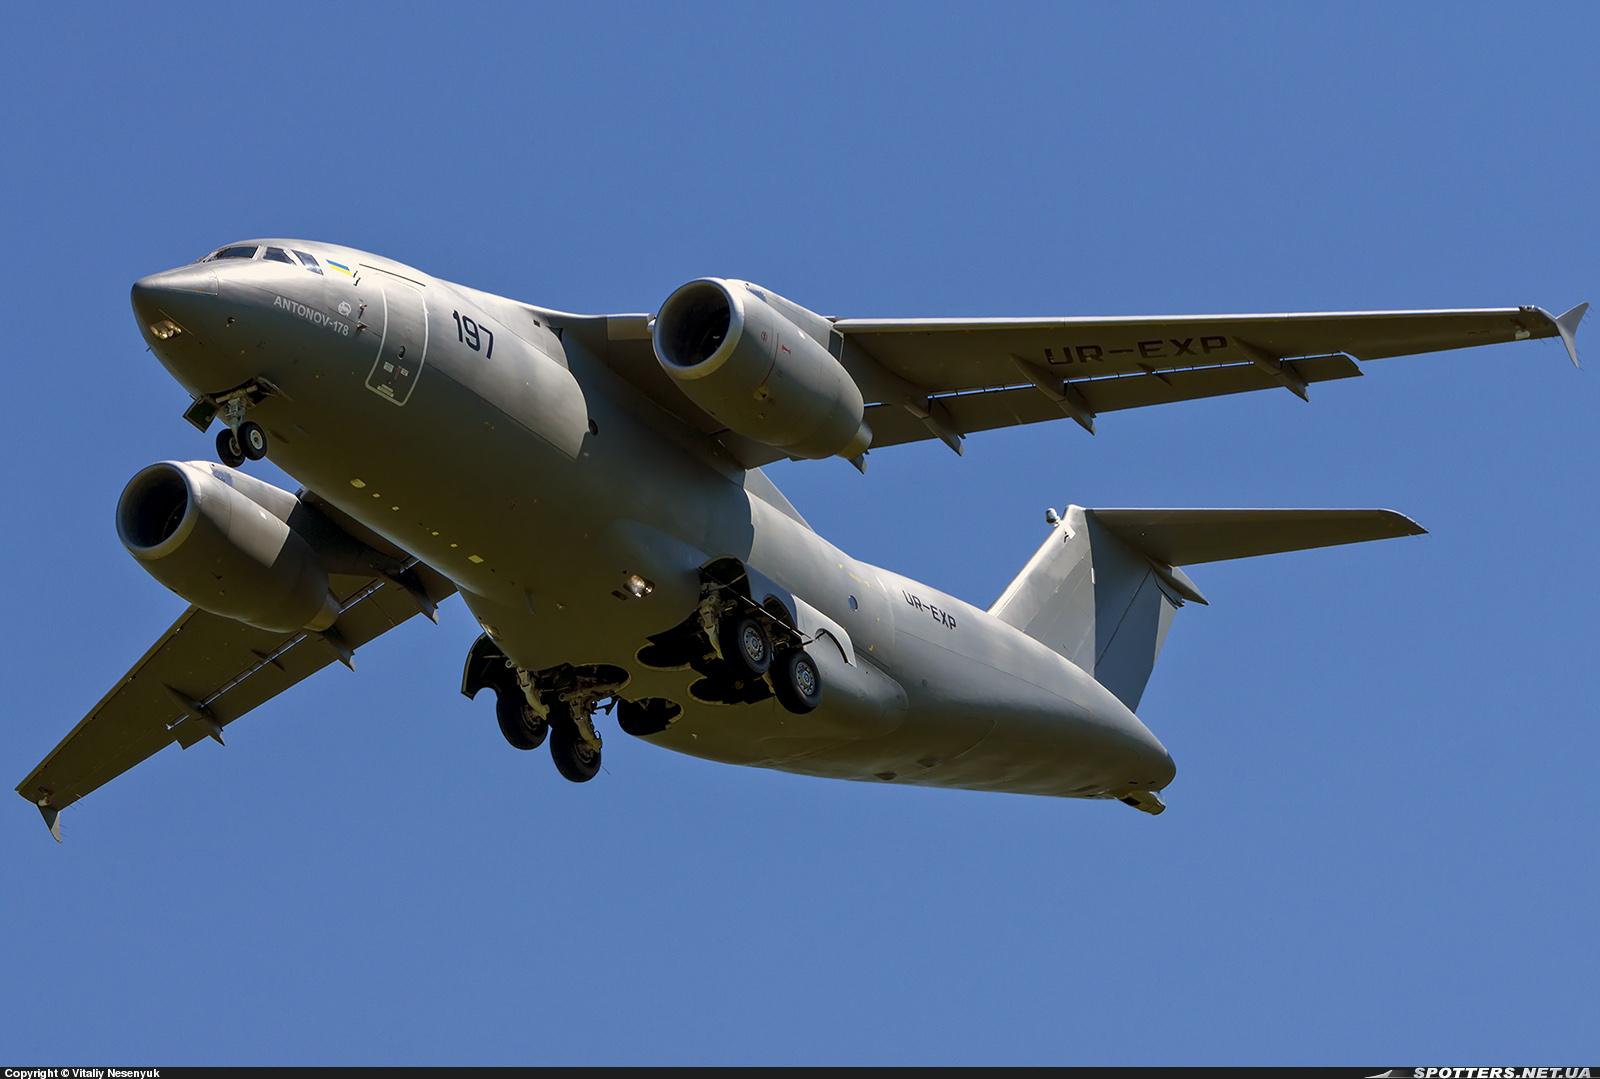 Новый украинский транспортный самолет Ан-178 готов к показу в небе Ле Бурже